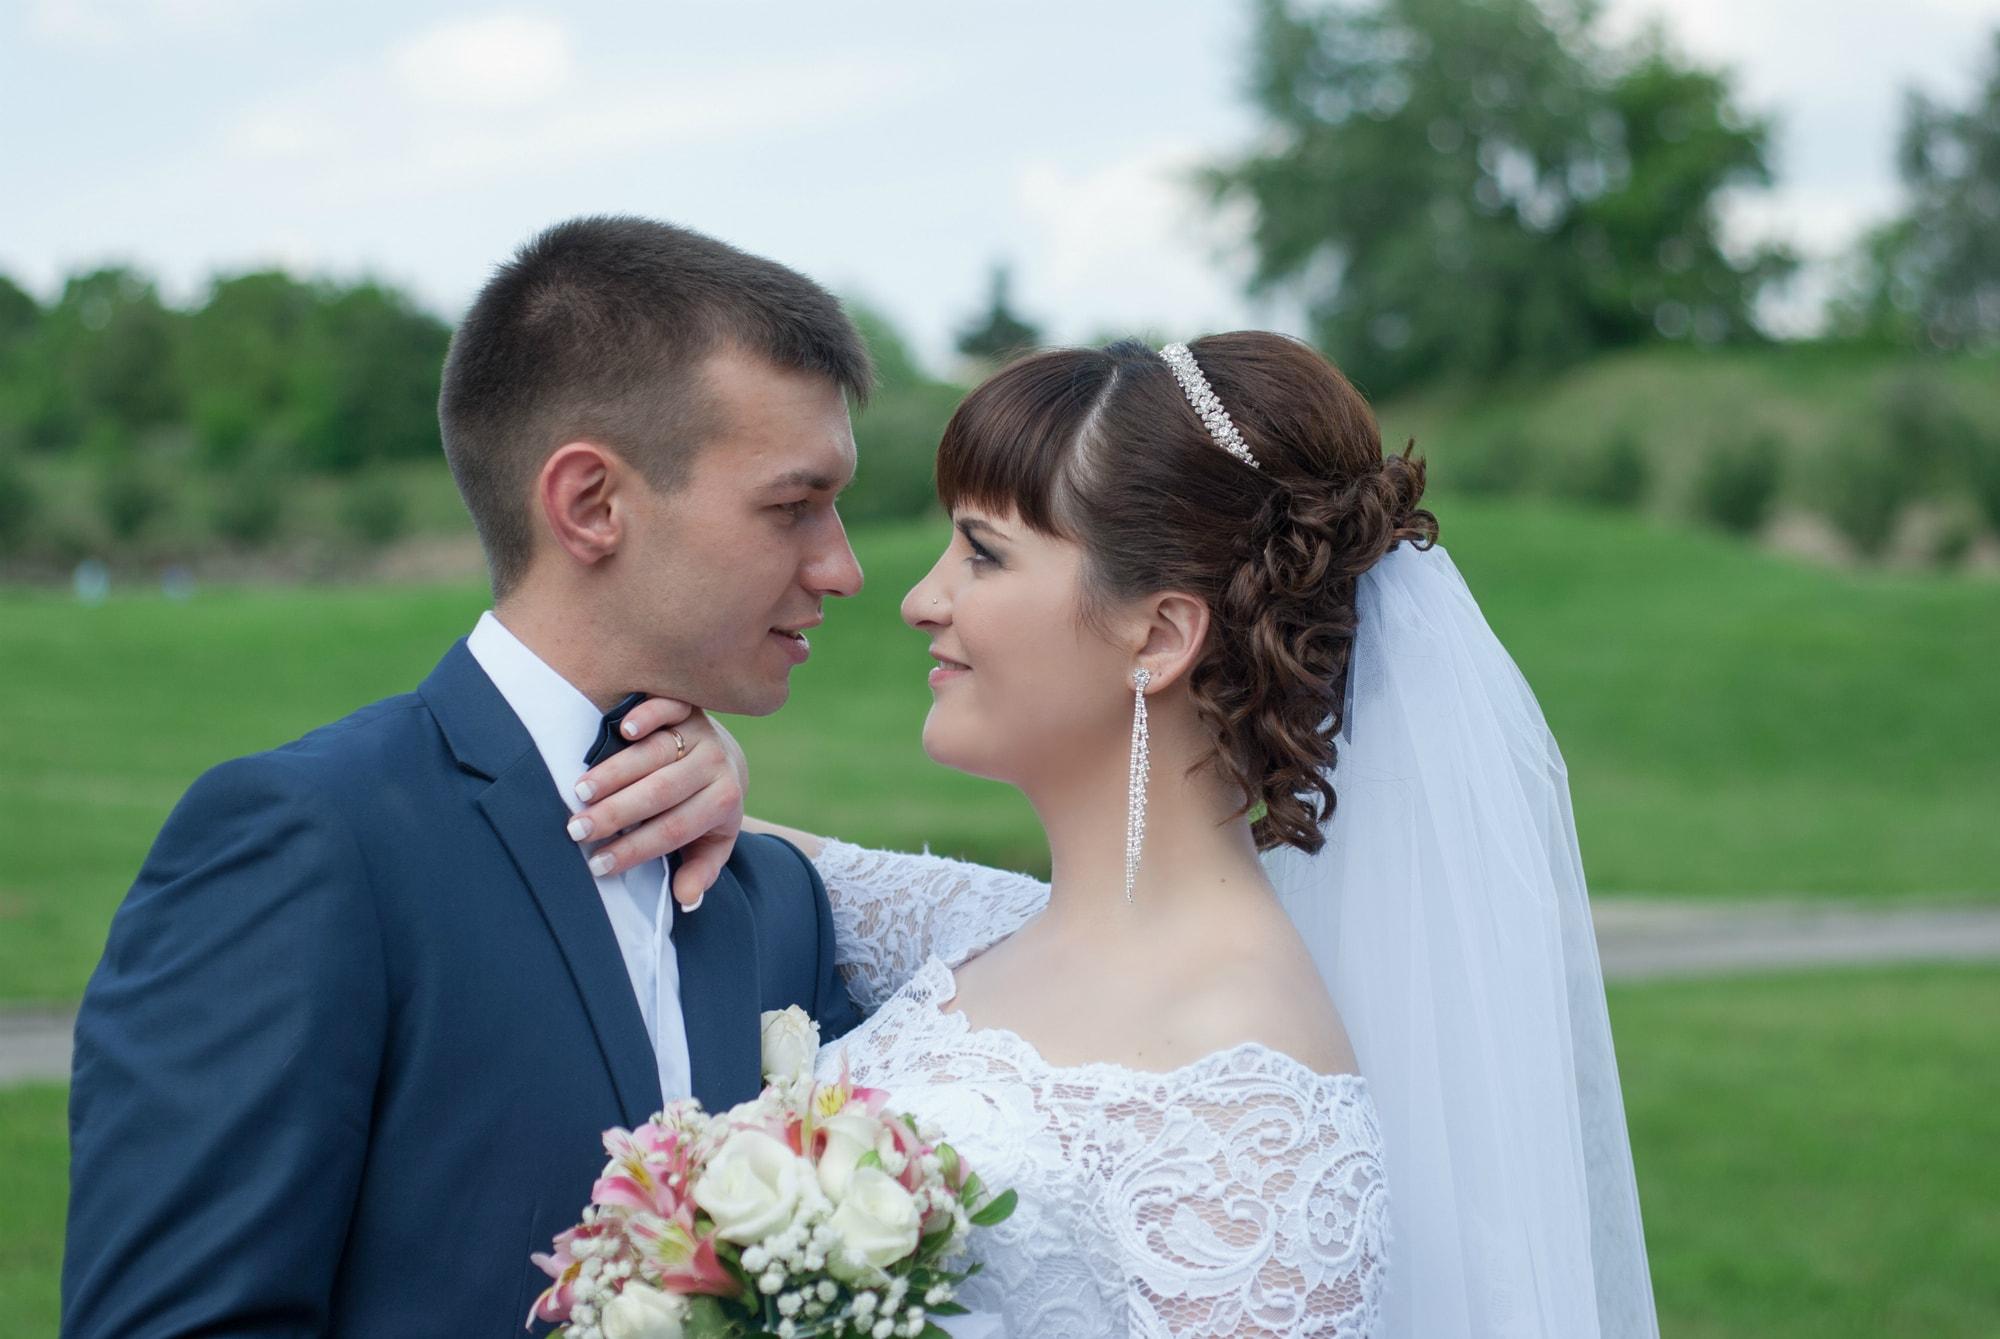 Невеста покоряет жениха - Фотограф Киев - Женя Лайт